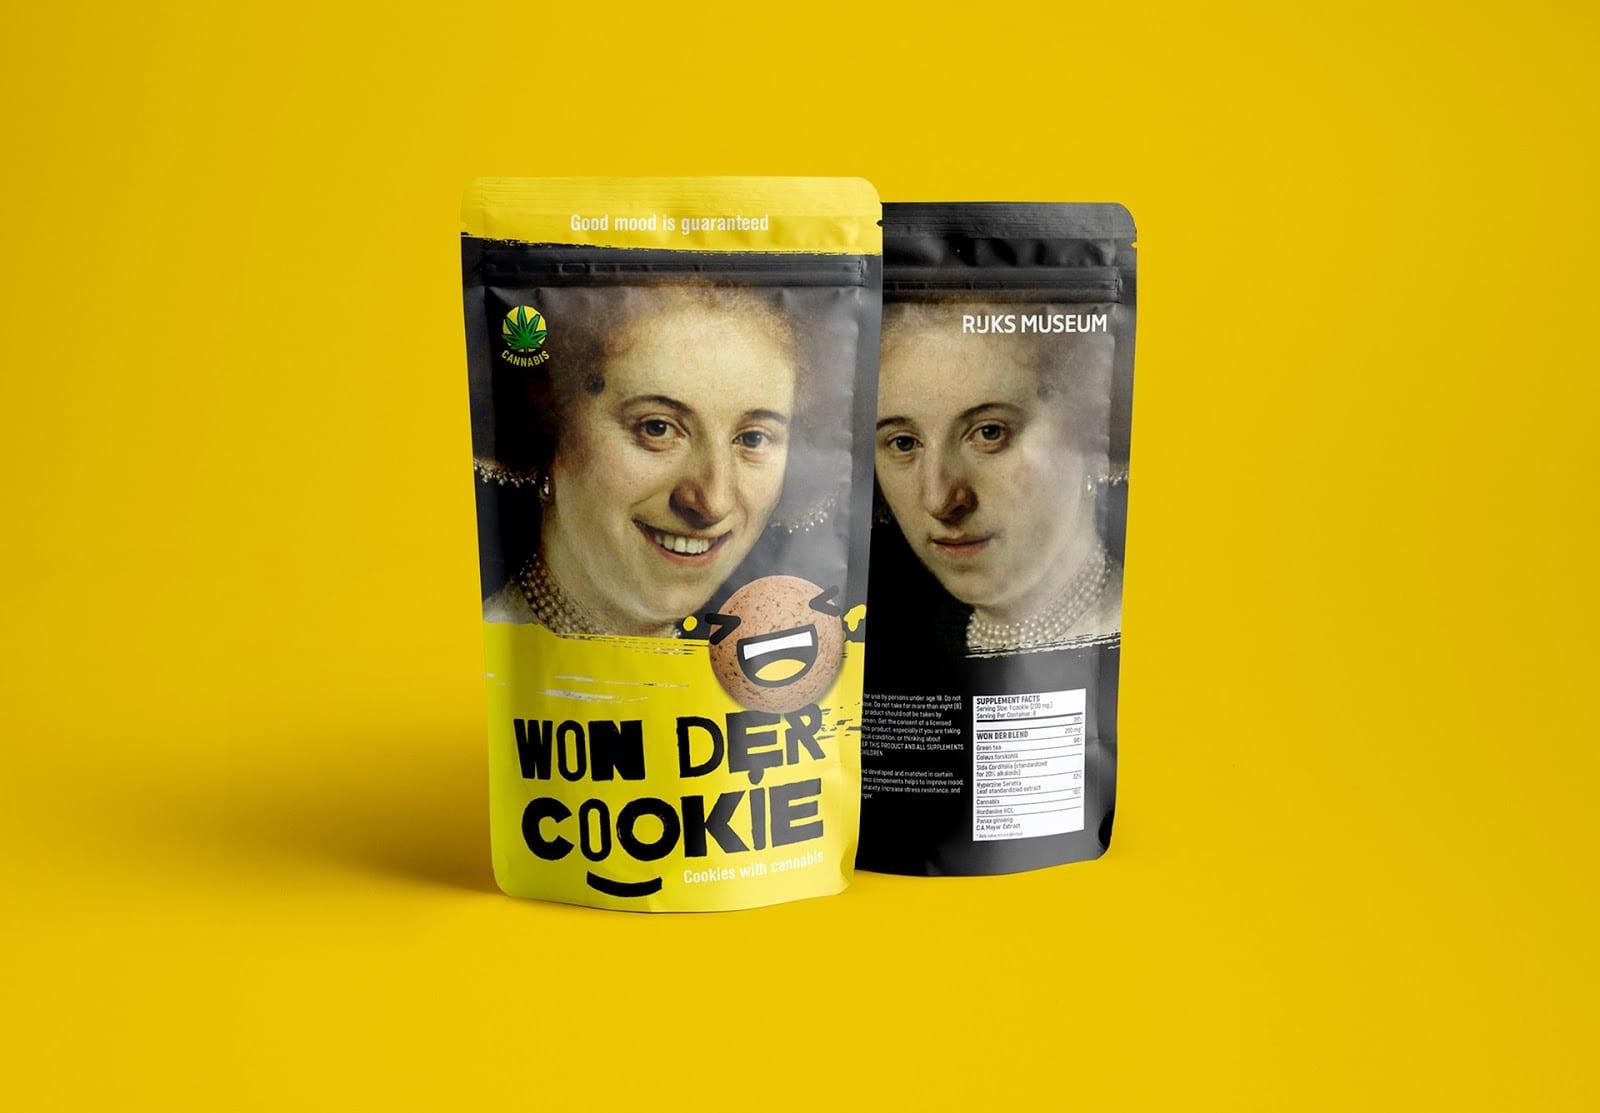 Rijksmuseum 01 - Won Der Cookie (koncept)